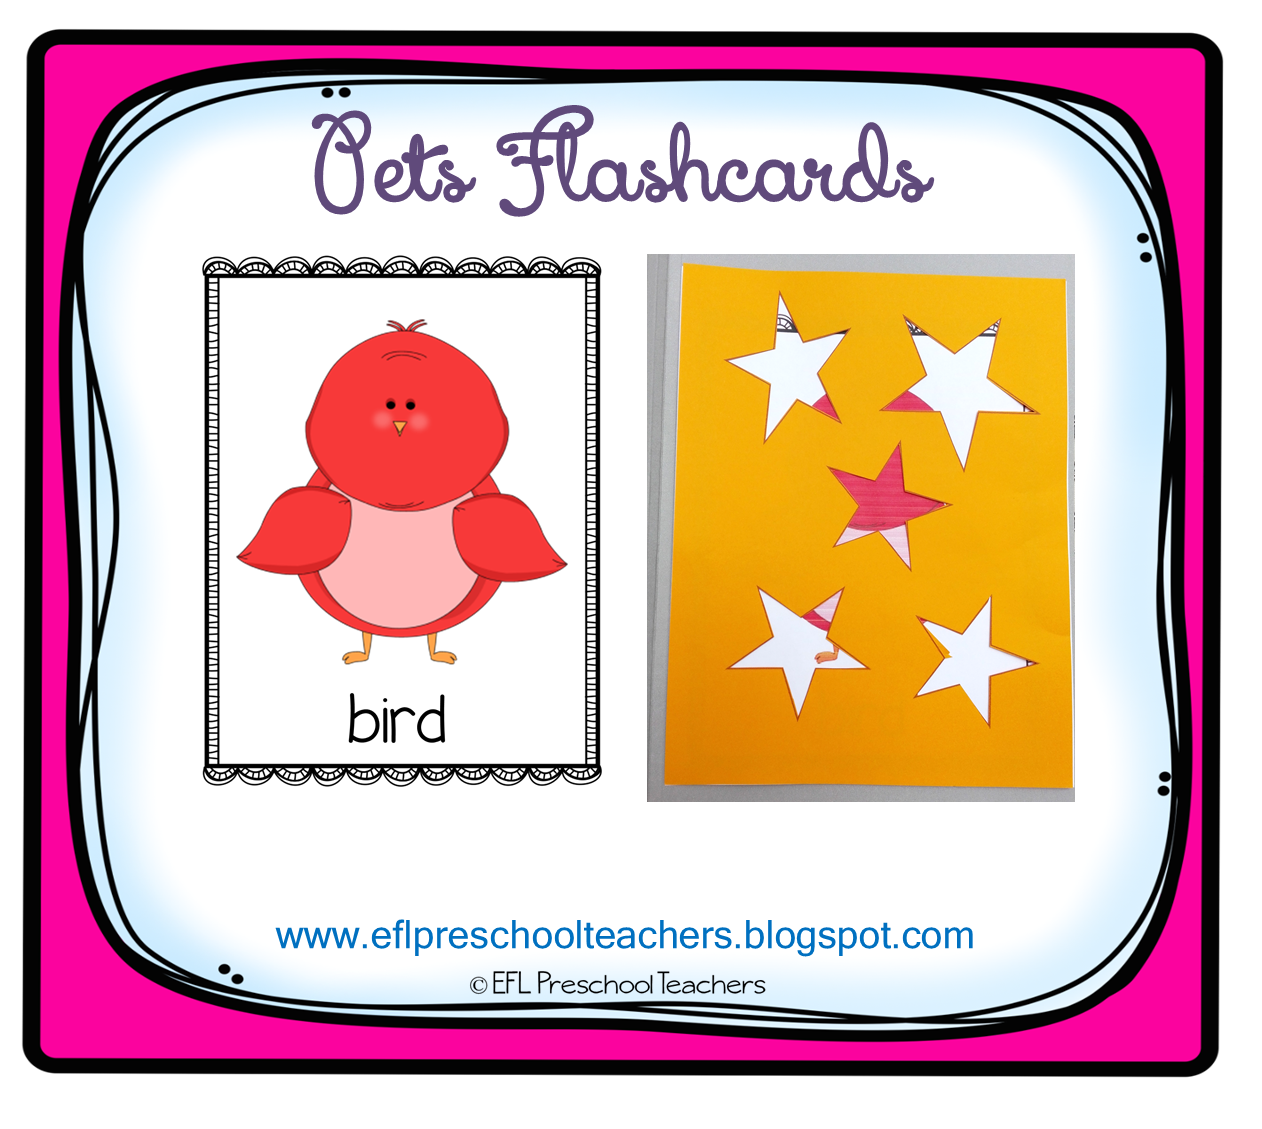 Esl Efl Preschool Teachers Pet Activities For Preschool Ell